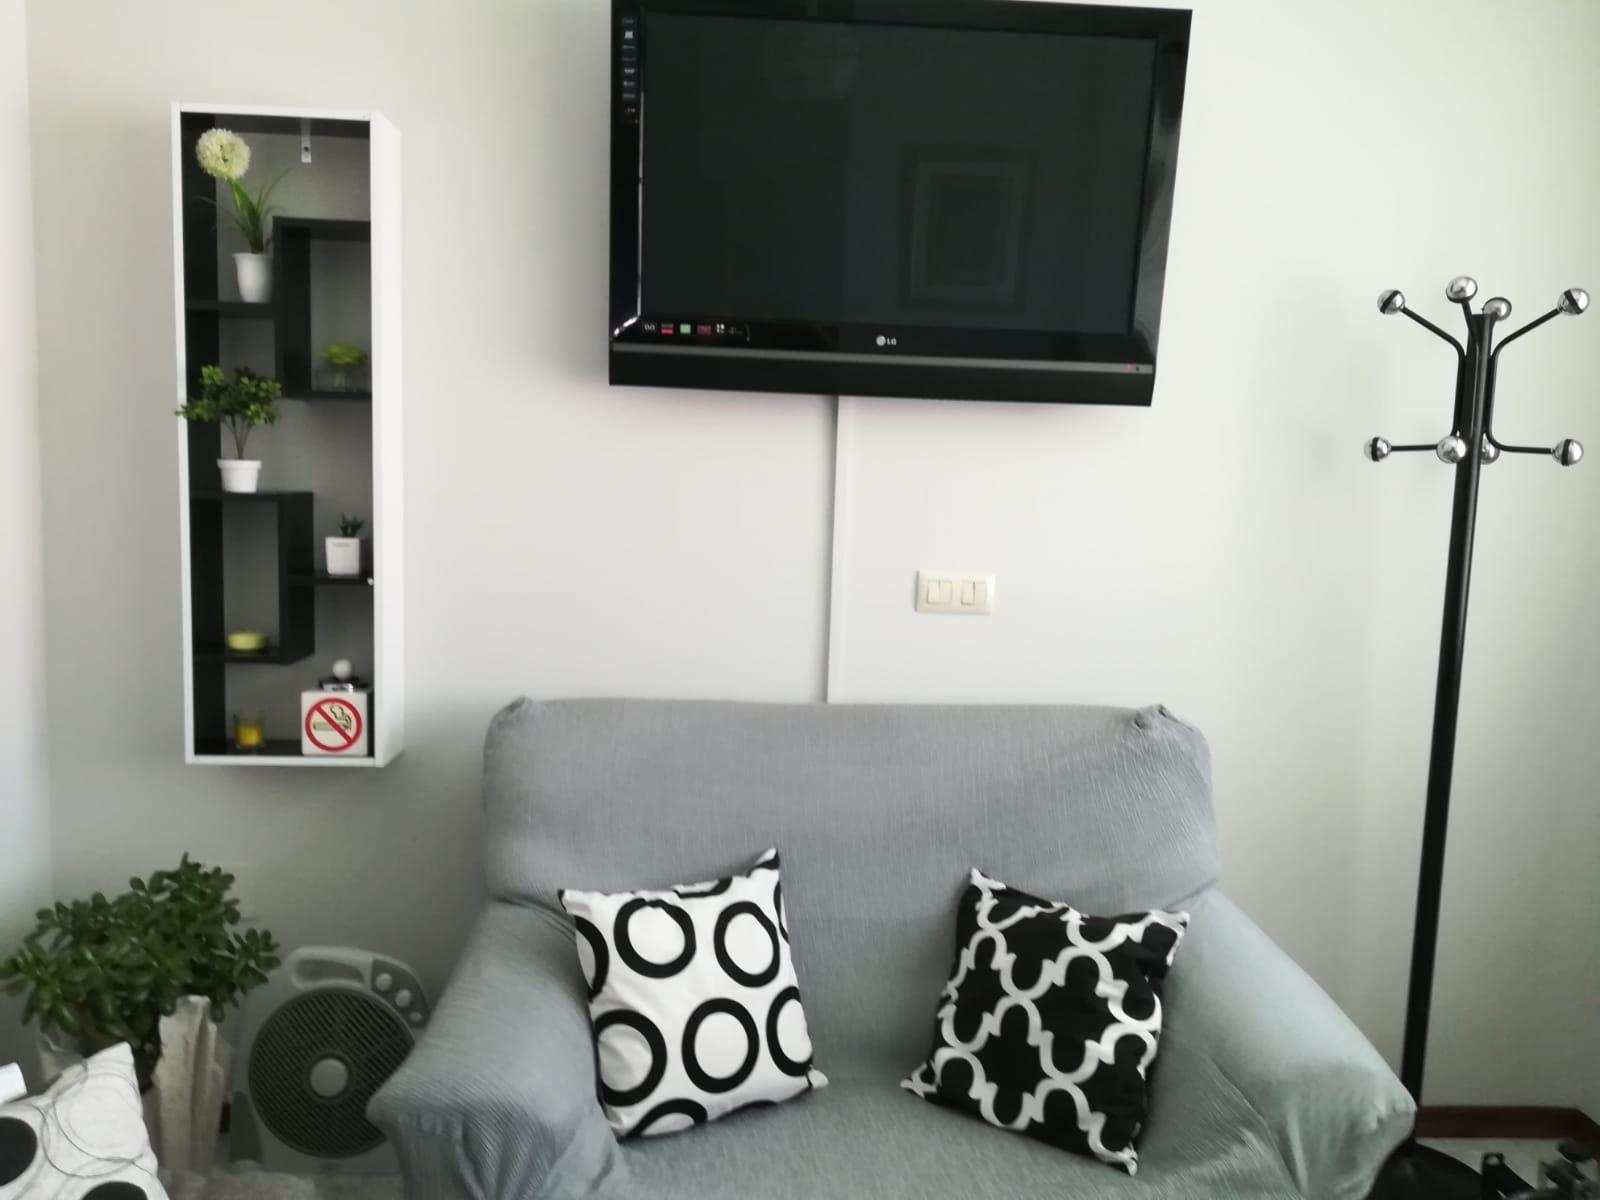 Equipamiento y mobiliario adaptado al ocio y esparcimiento